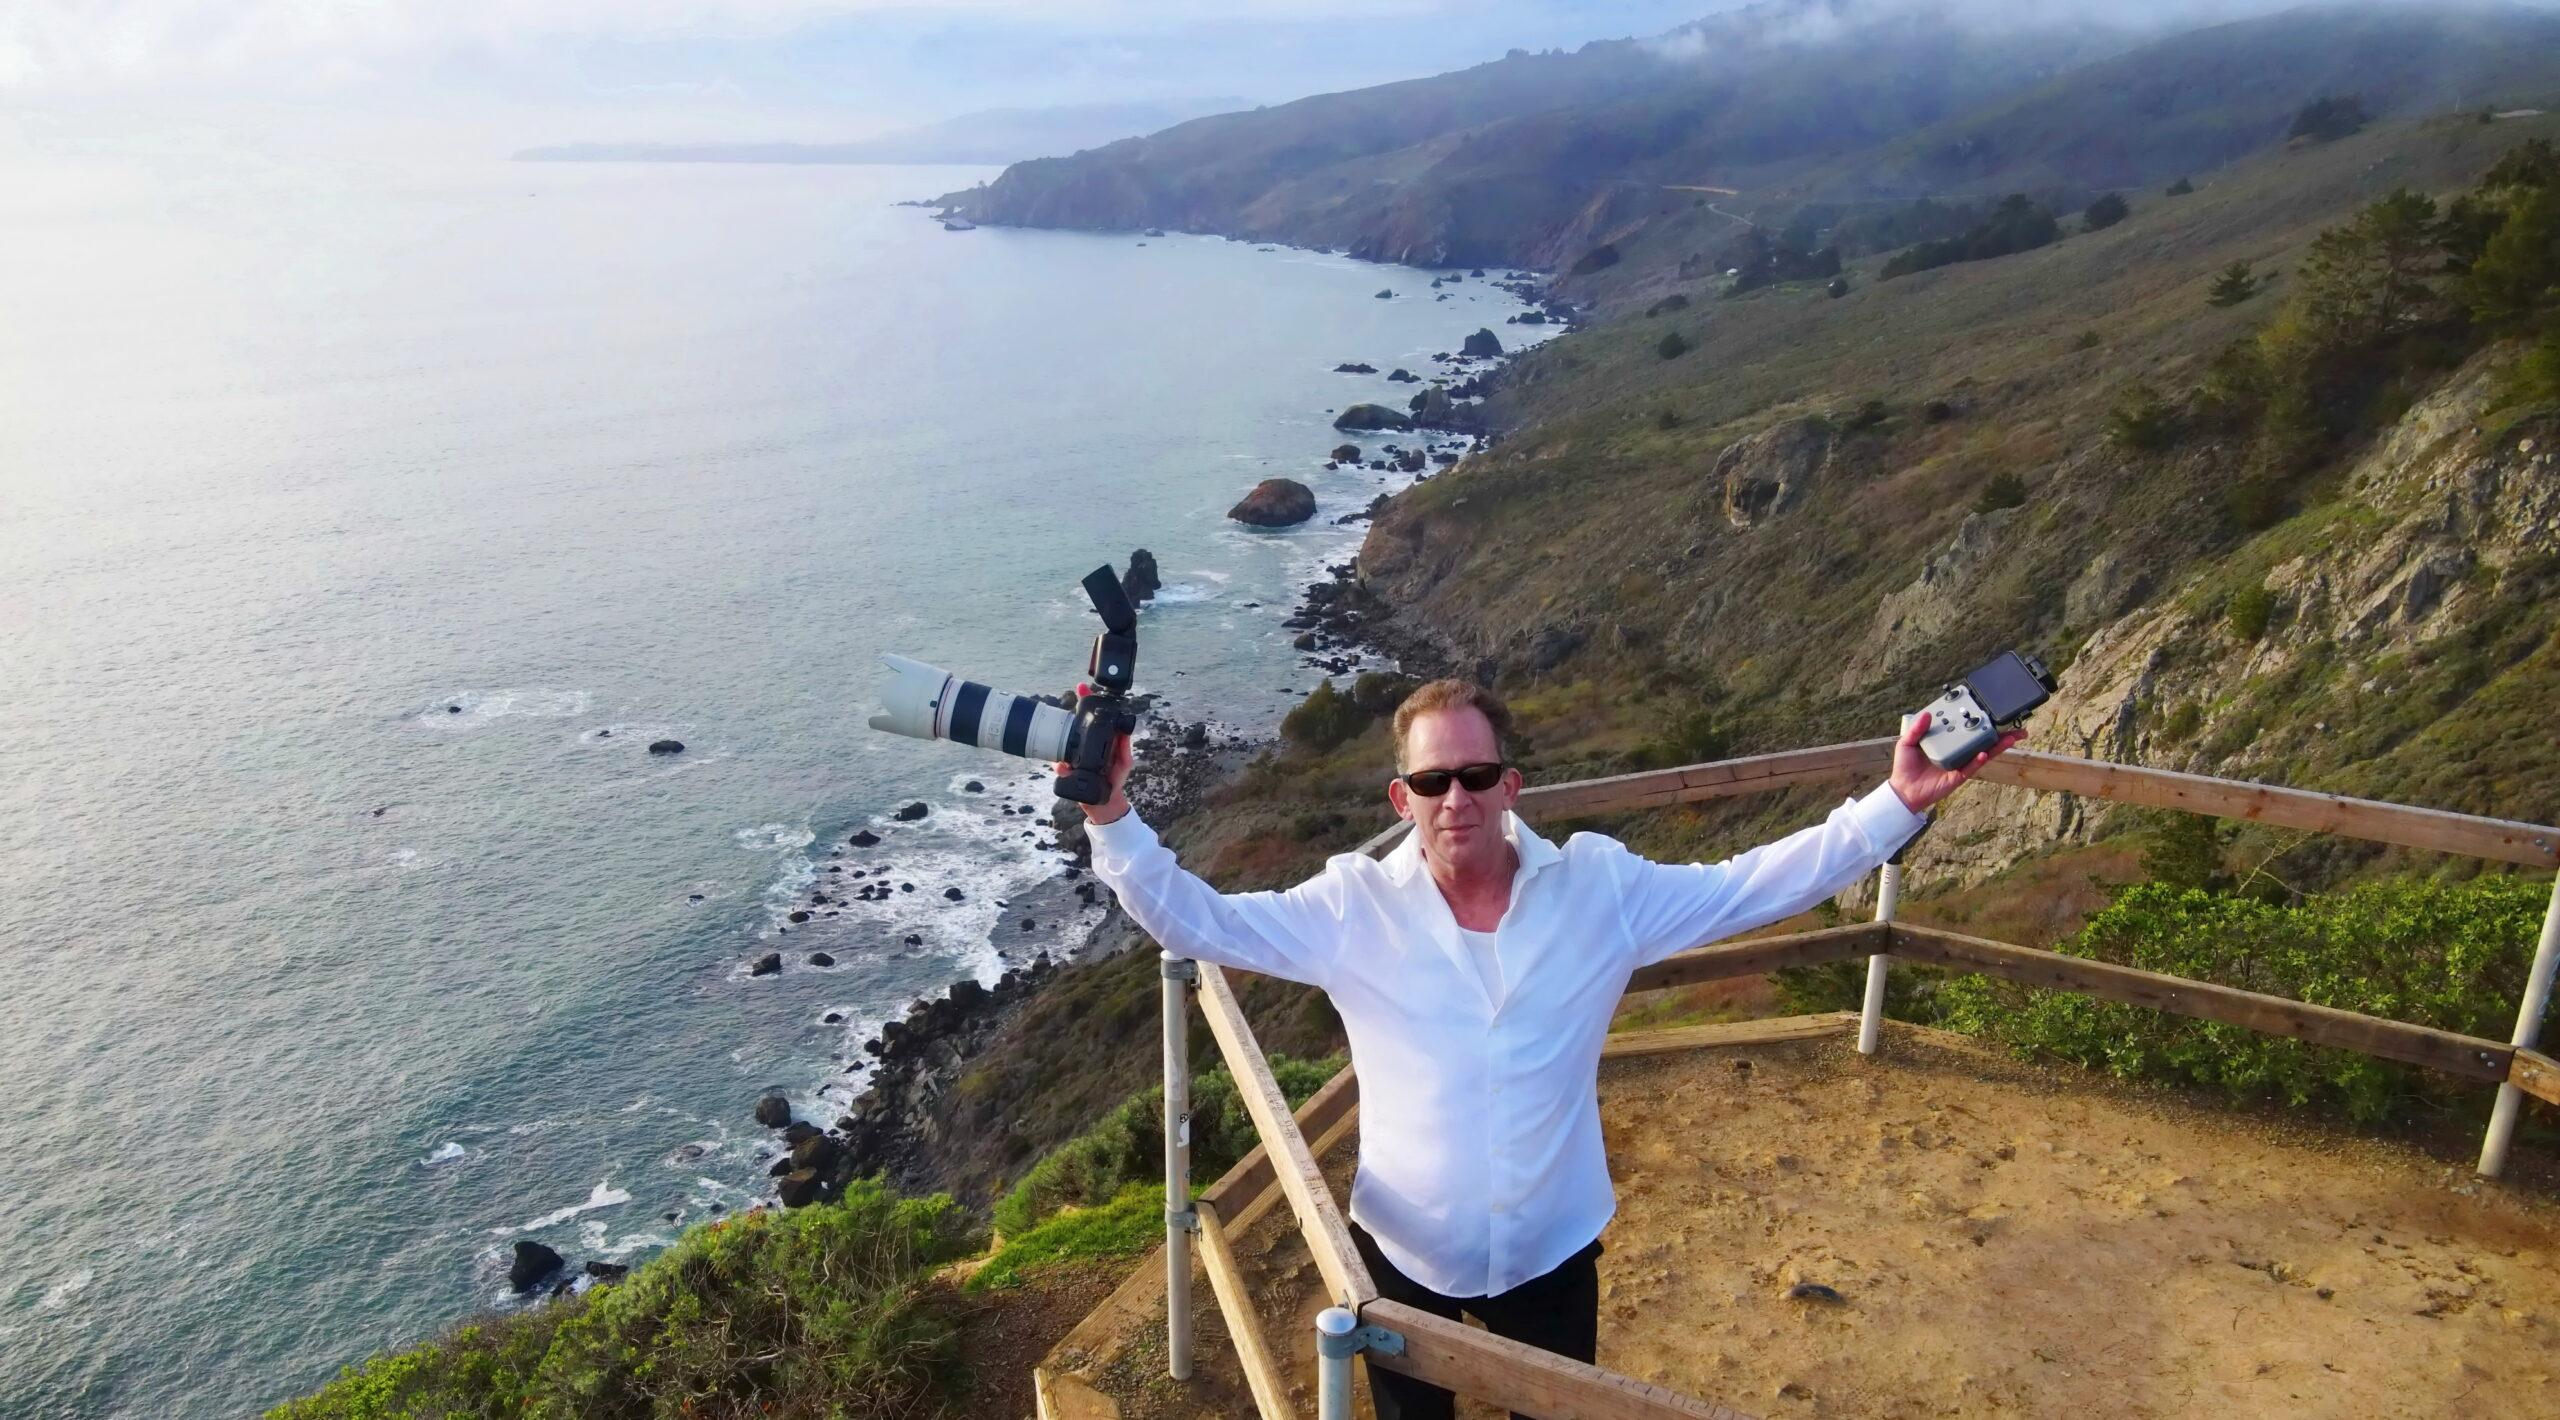 Joel Moses Muir Beach Drone Selfie